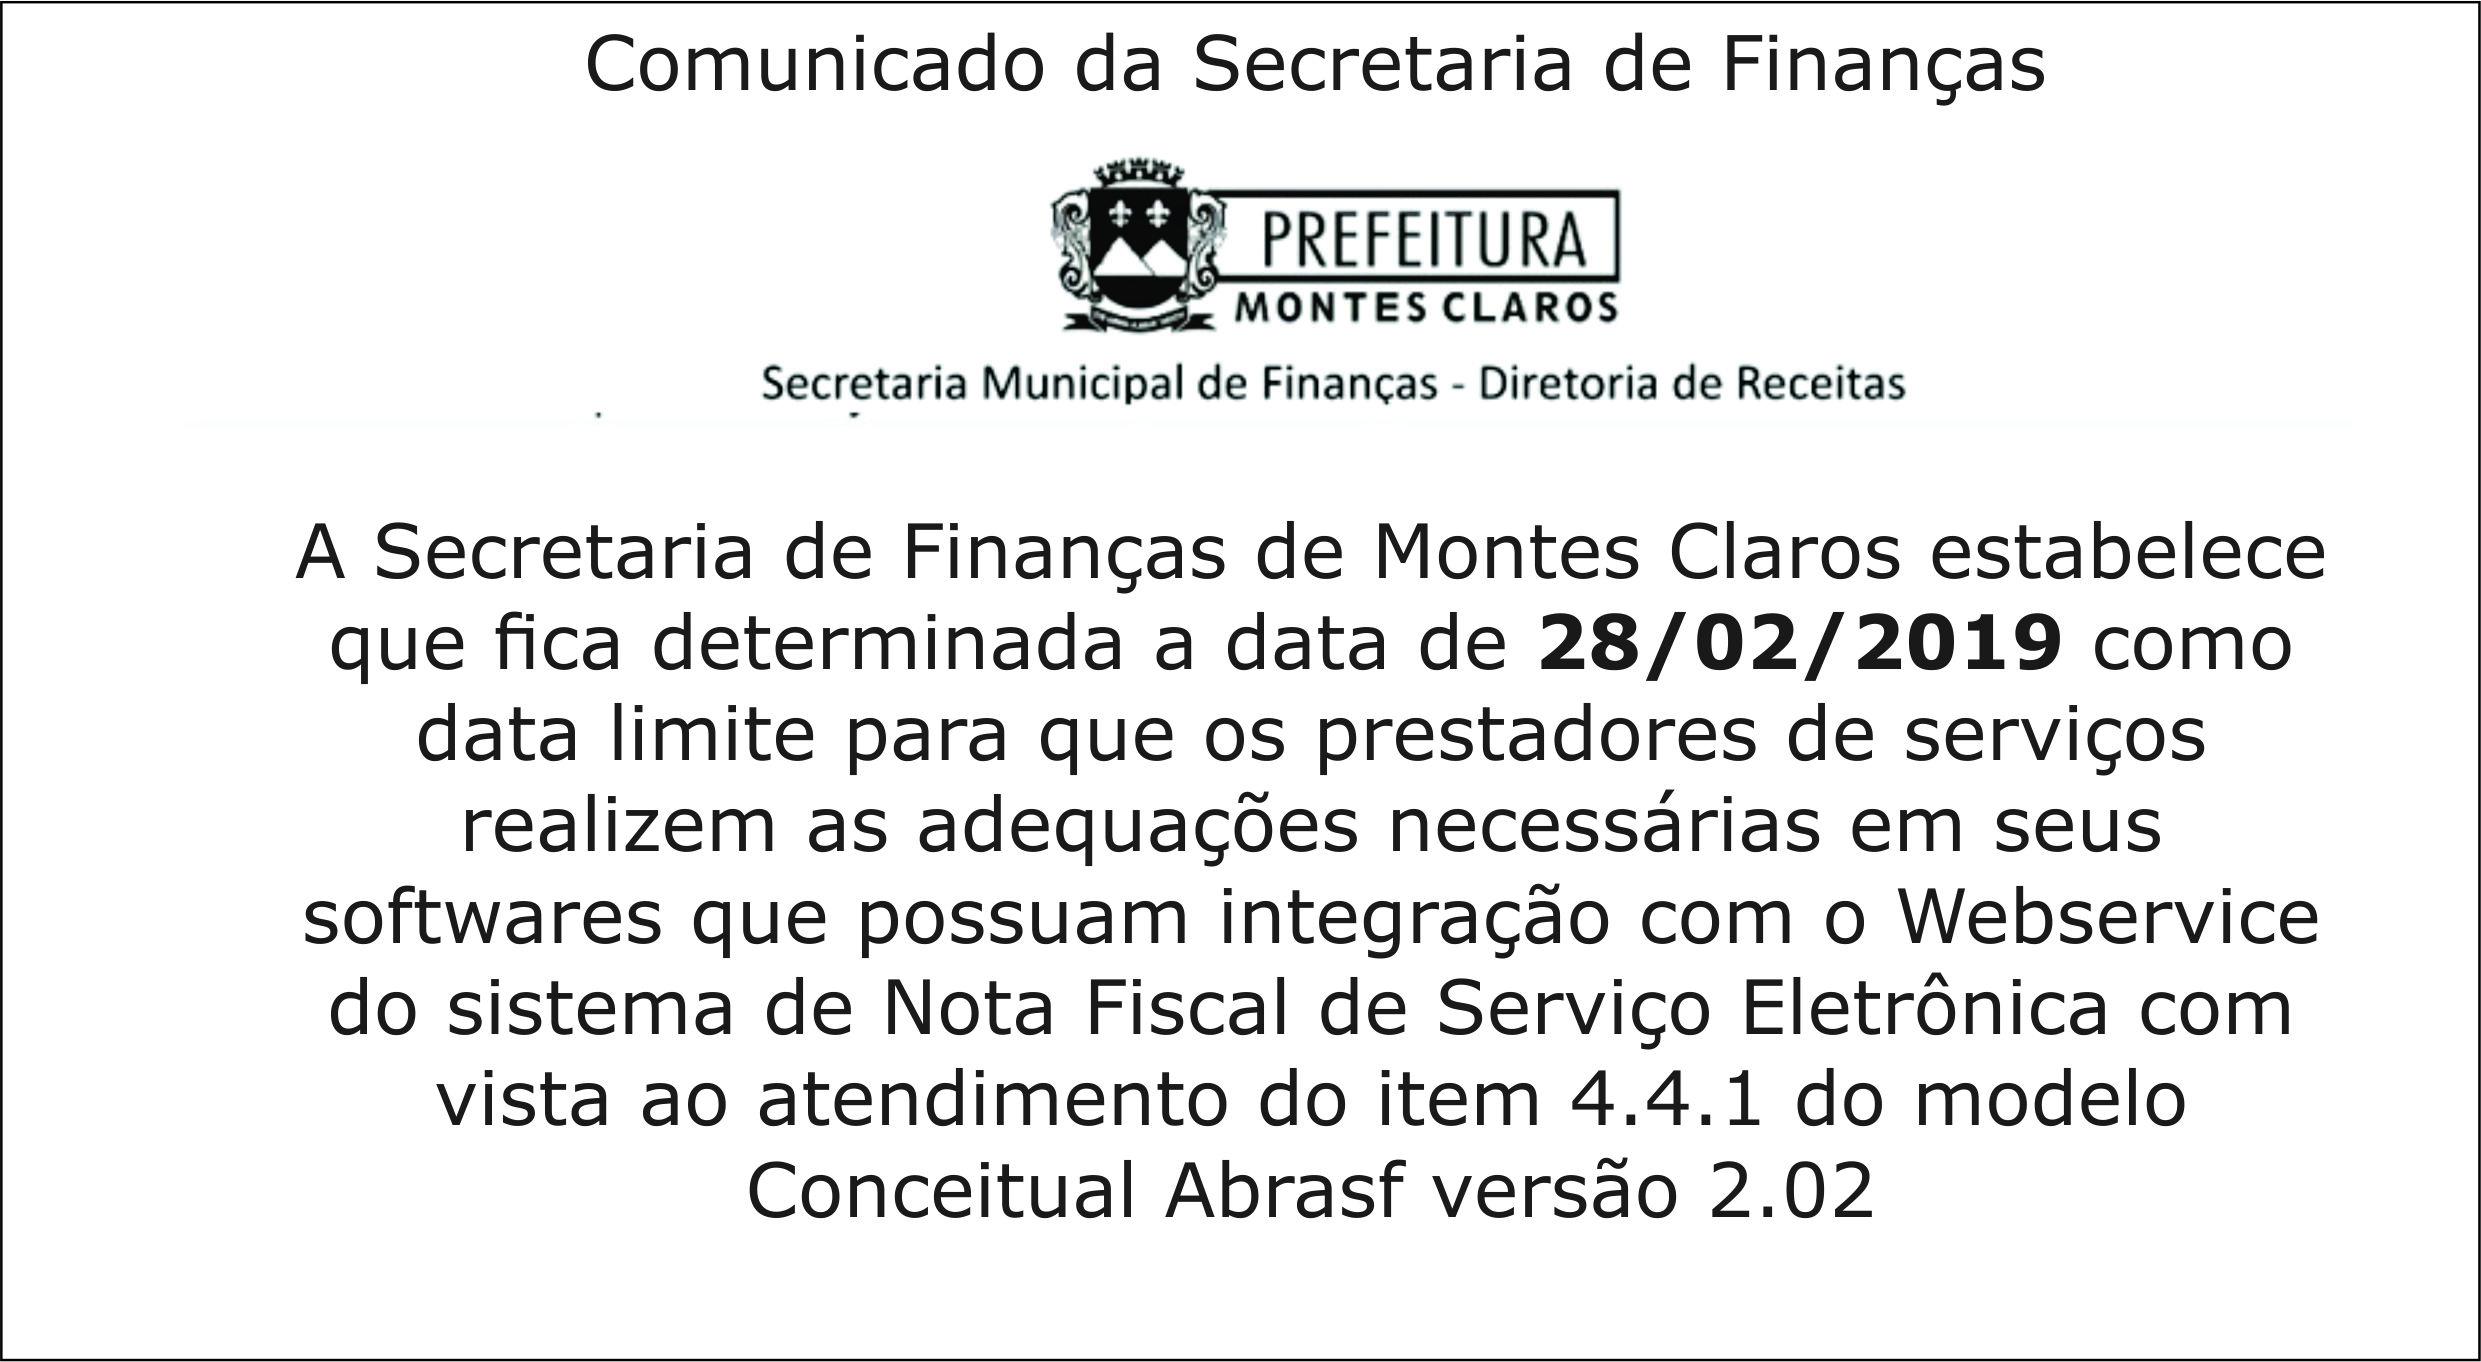 Comunicado da Secretaria de Finanças